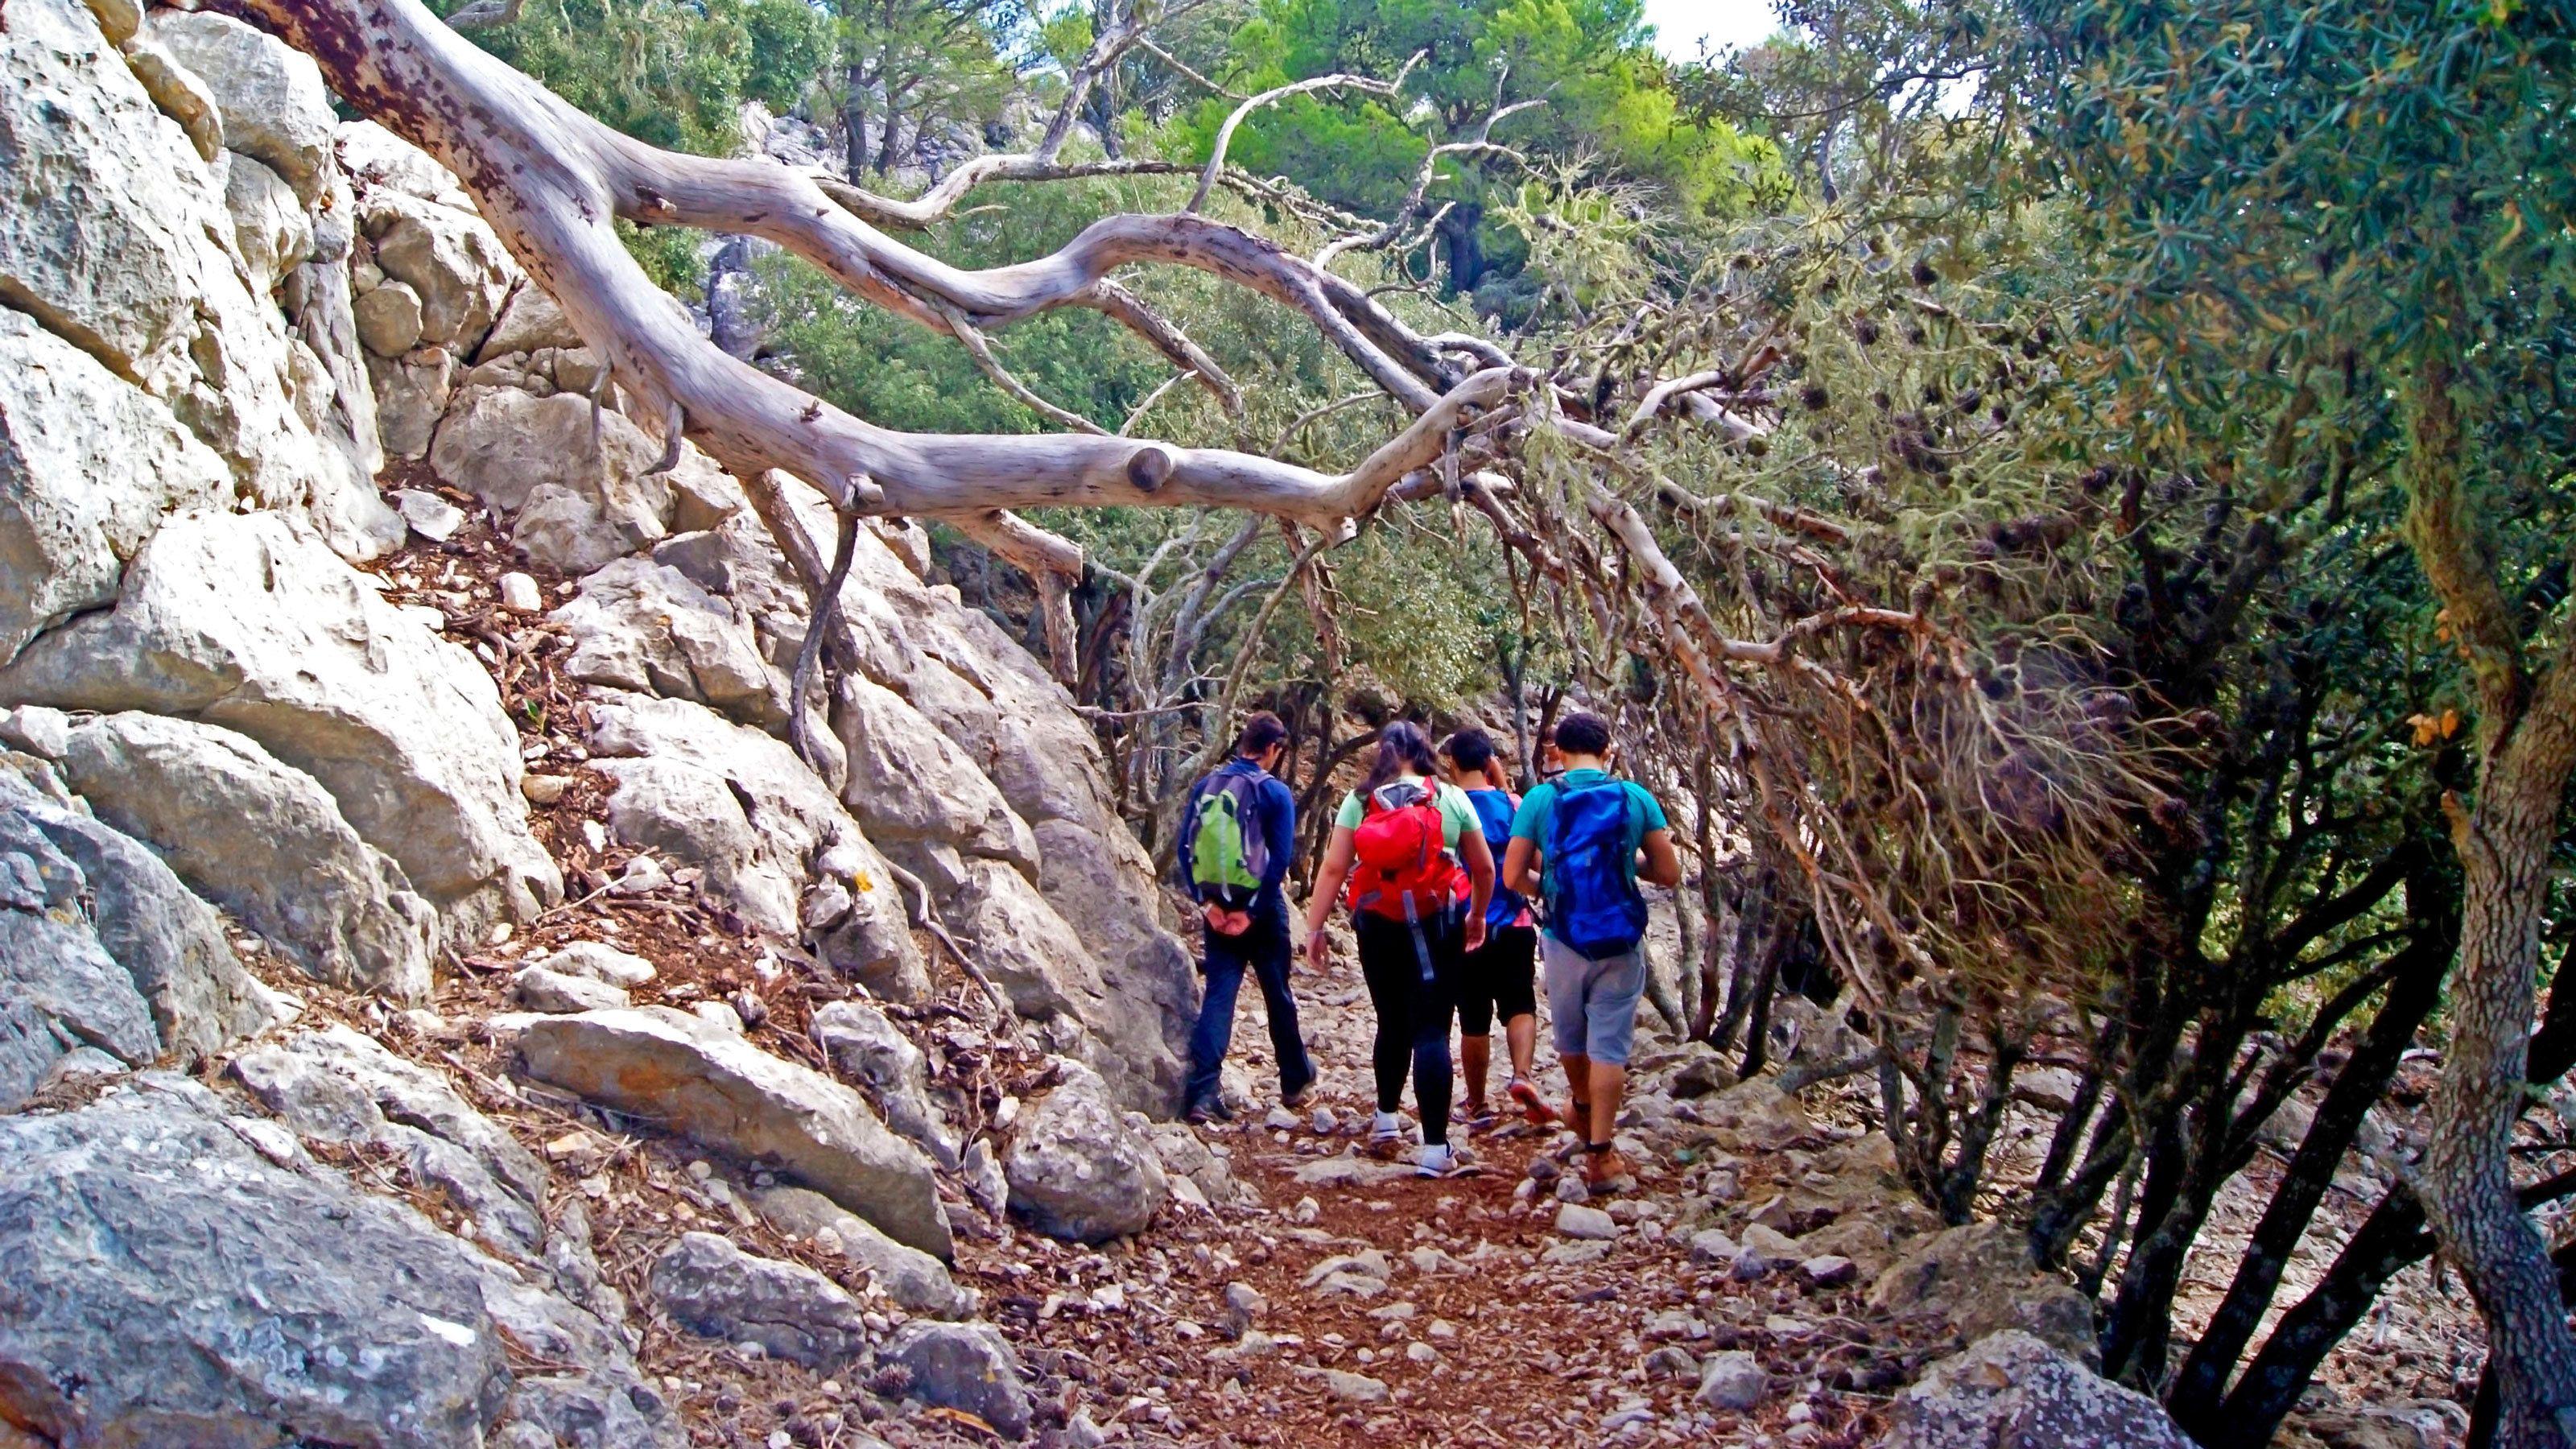 Hikers walk under a fallen tree along a dirt path in Mallorca